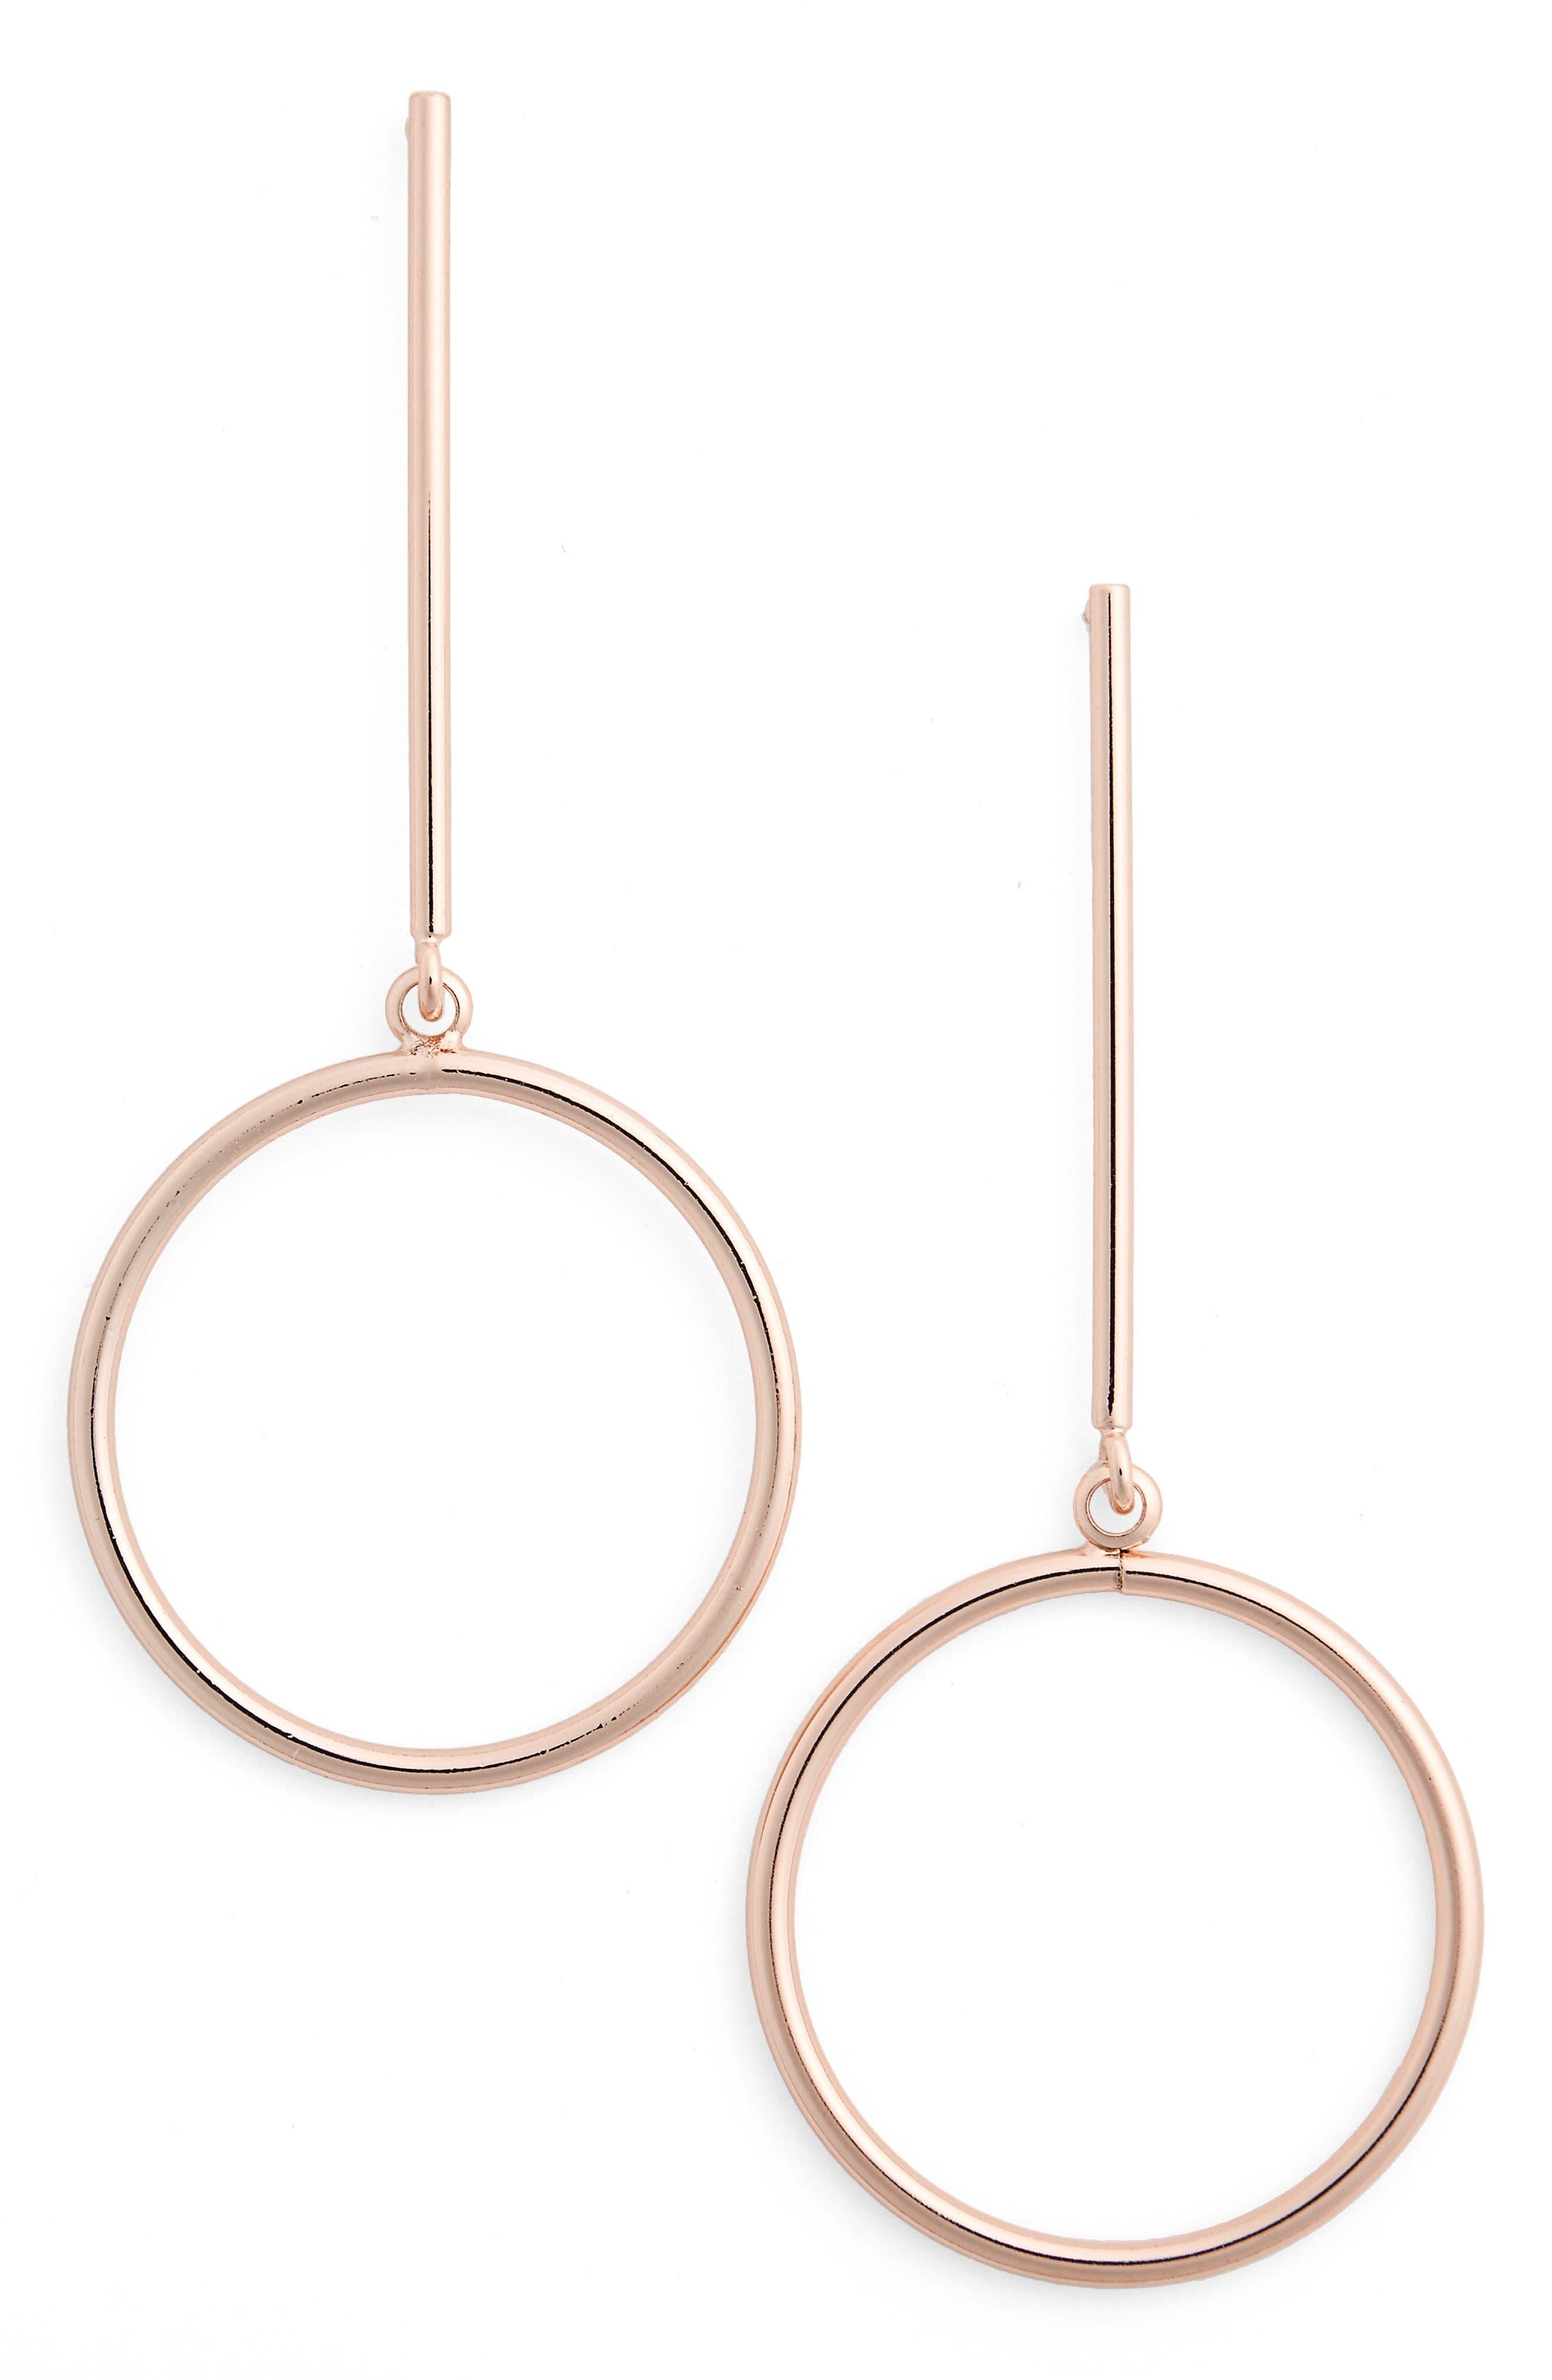 Nordstrom Circle Drop Earrings